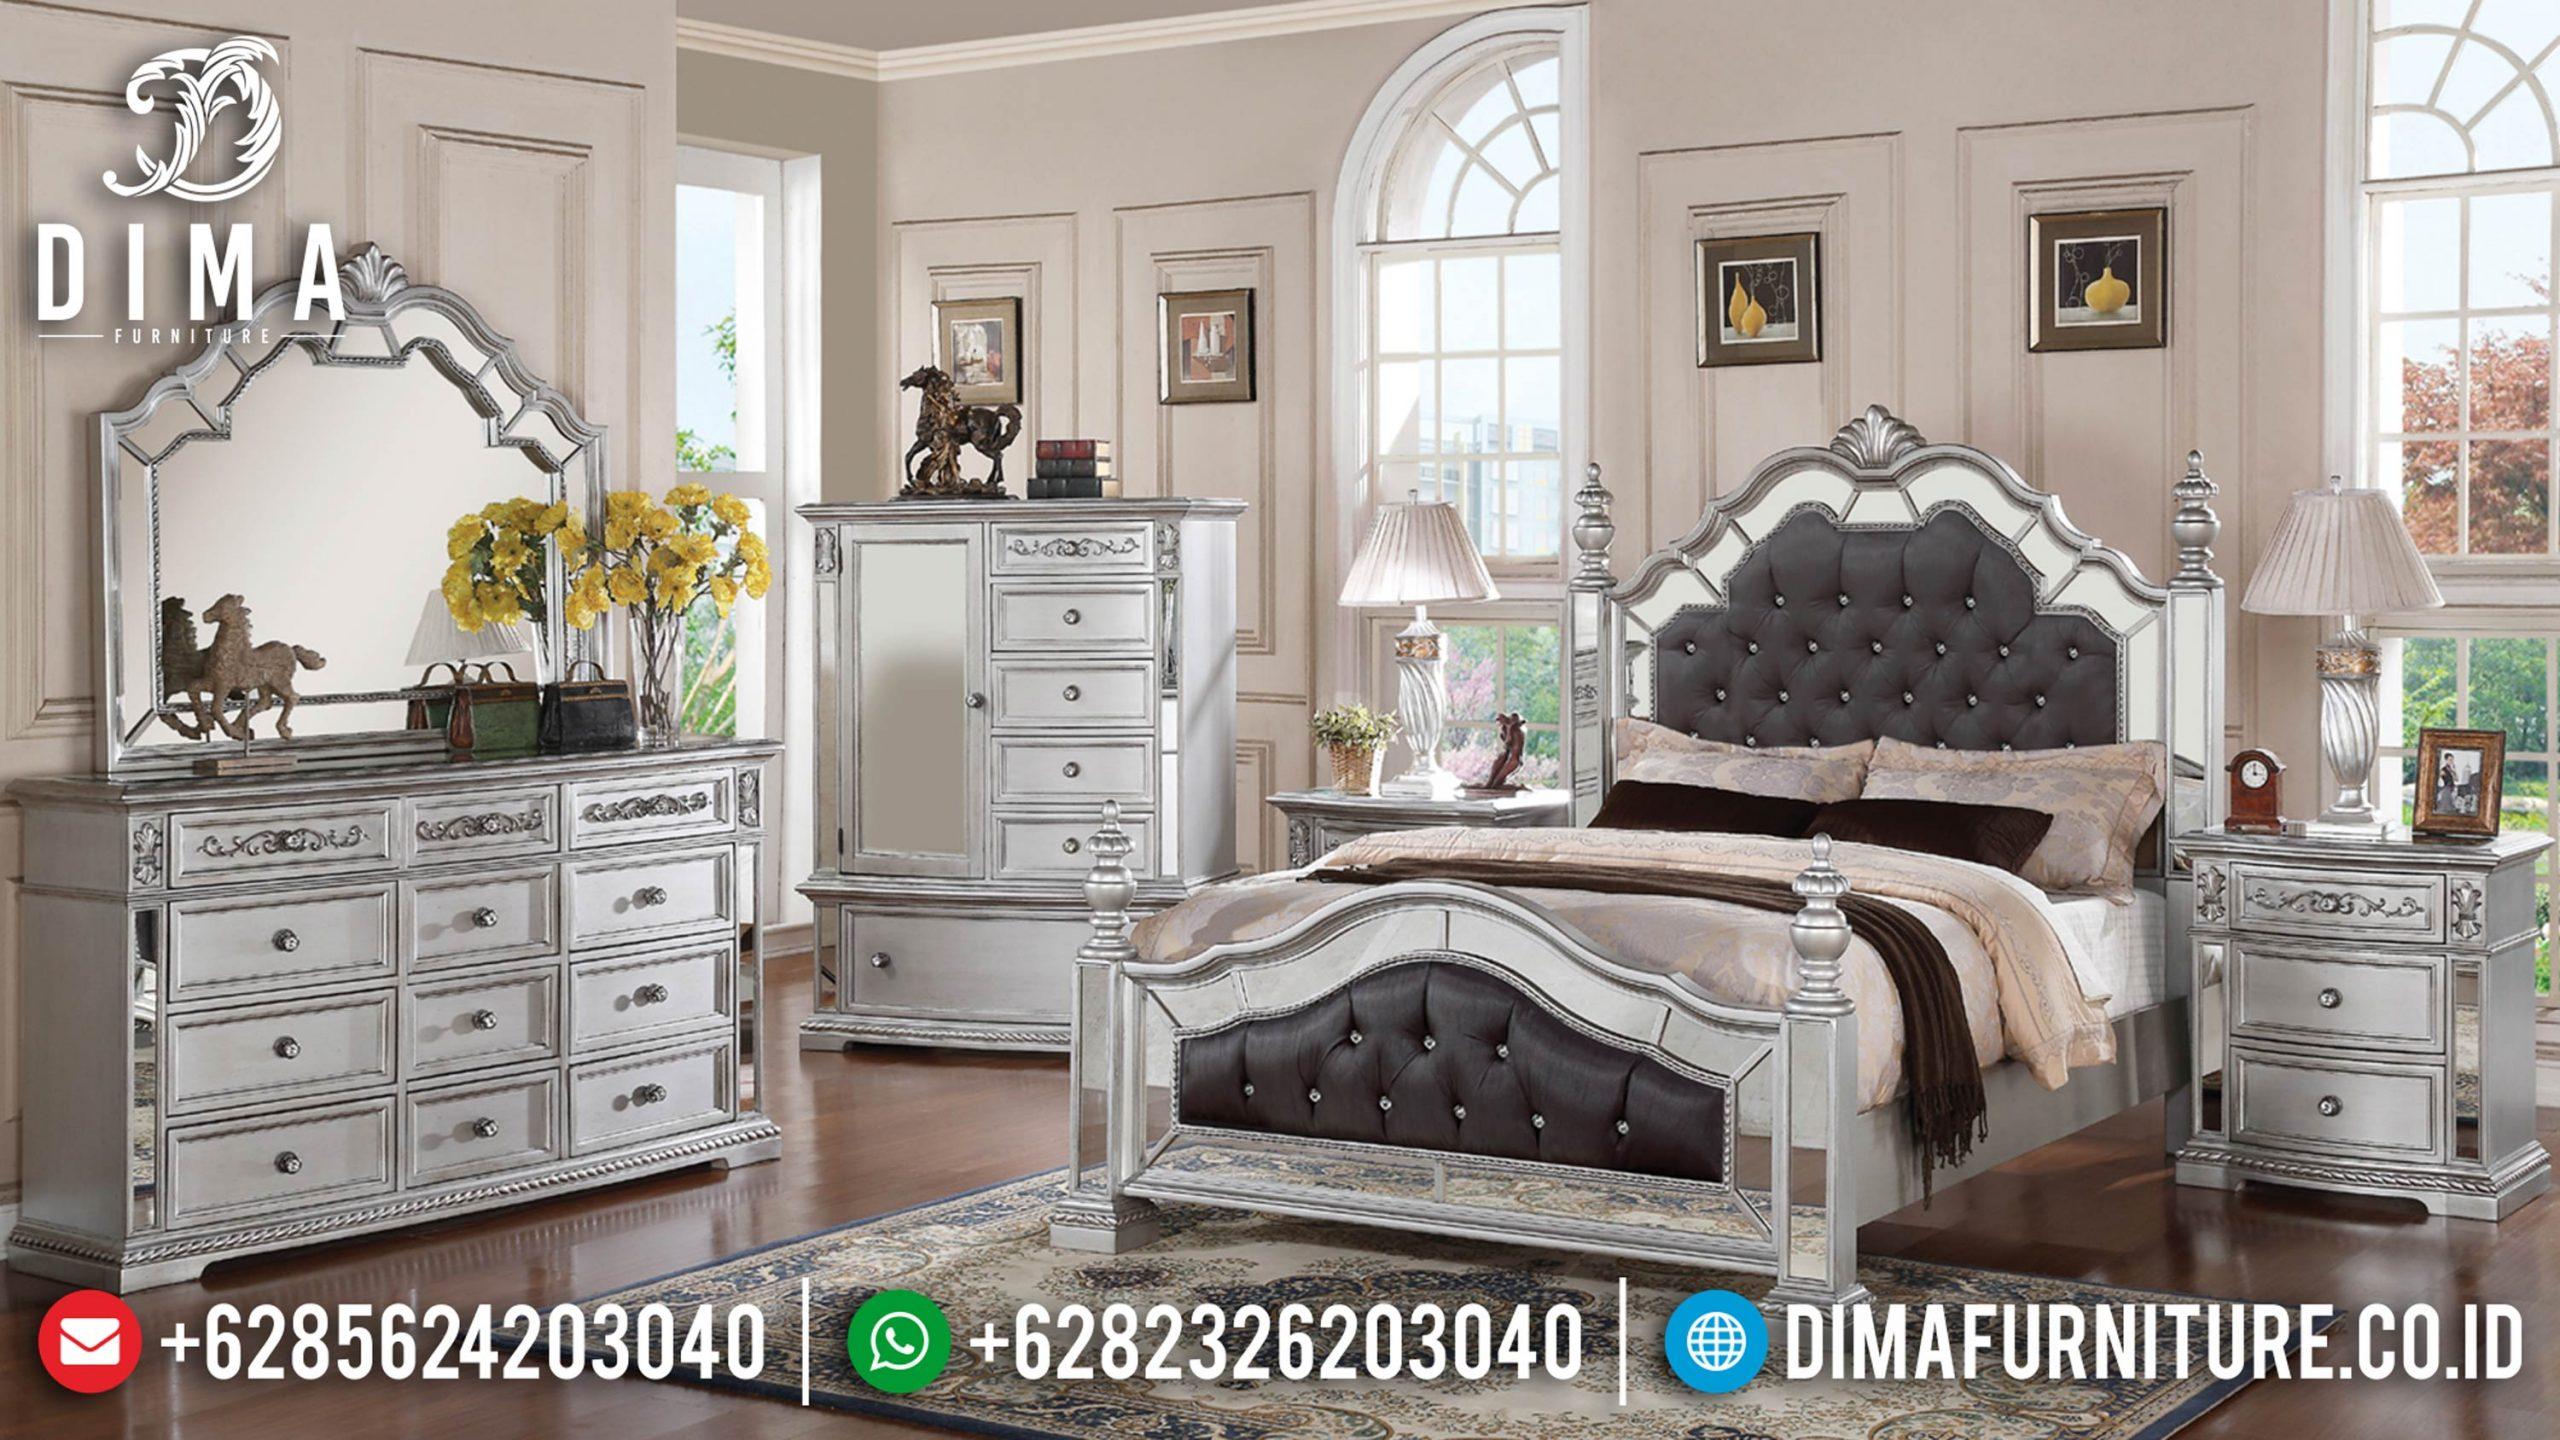 Kamar Set Mewah, Tempat Tidur Jepara Minimalis, Dipan Murah Jepara Mm-0324